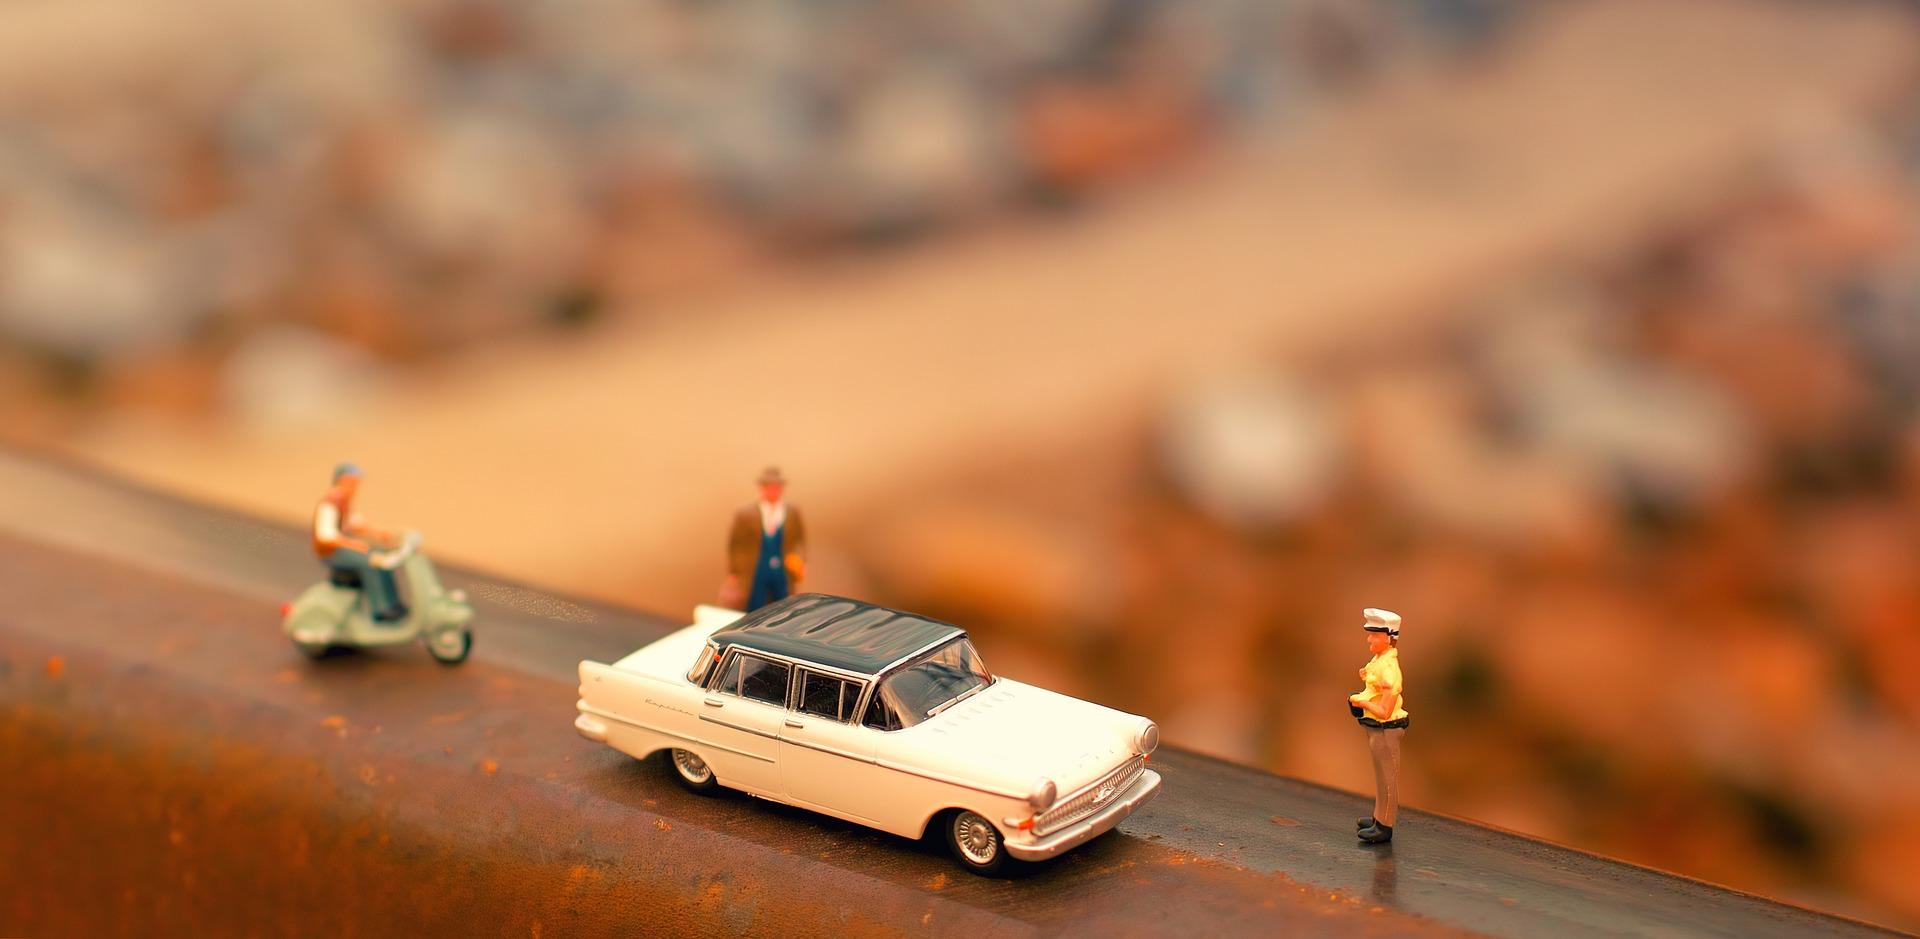 Historien bakom leksaksbilar